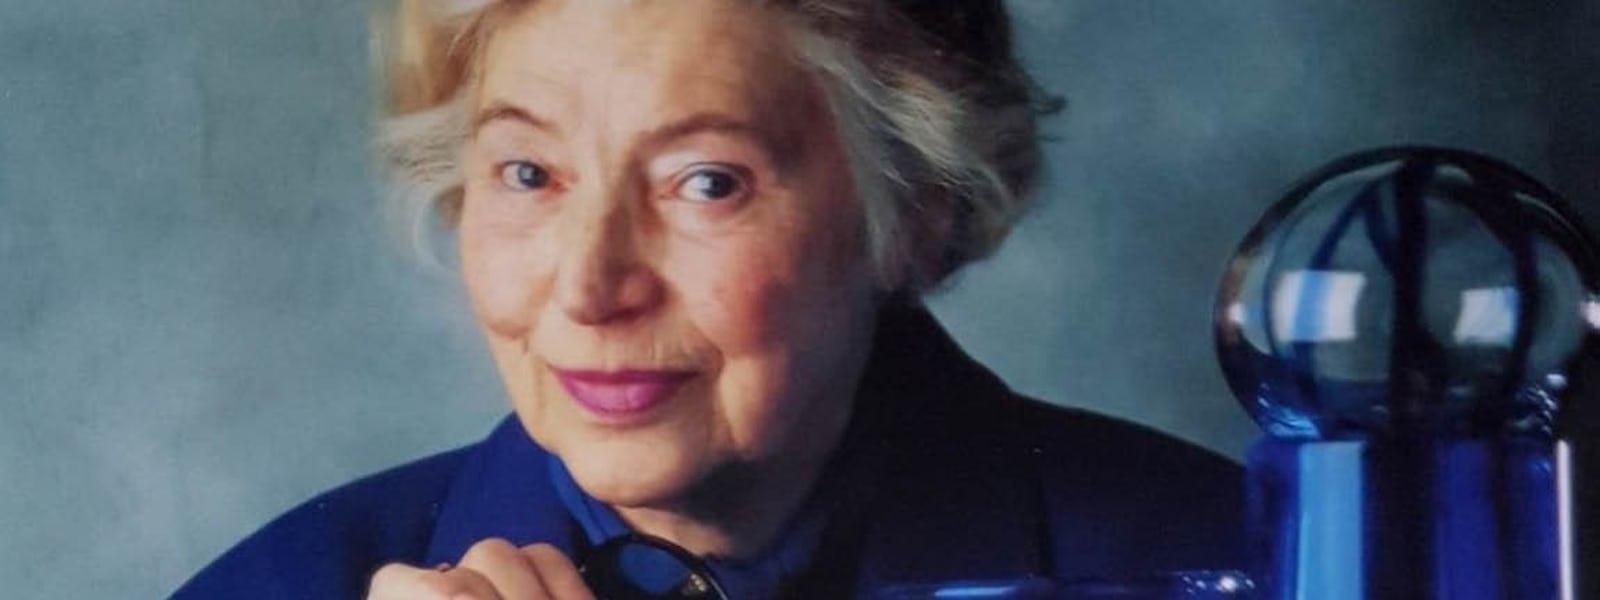 Bild - Hertha Bengtson – ikonisk formgivare och glaskonstnär